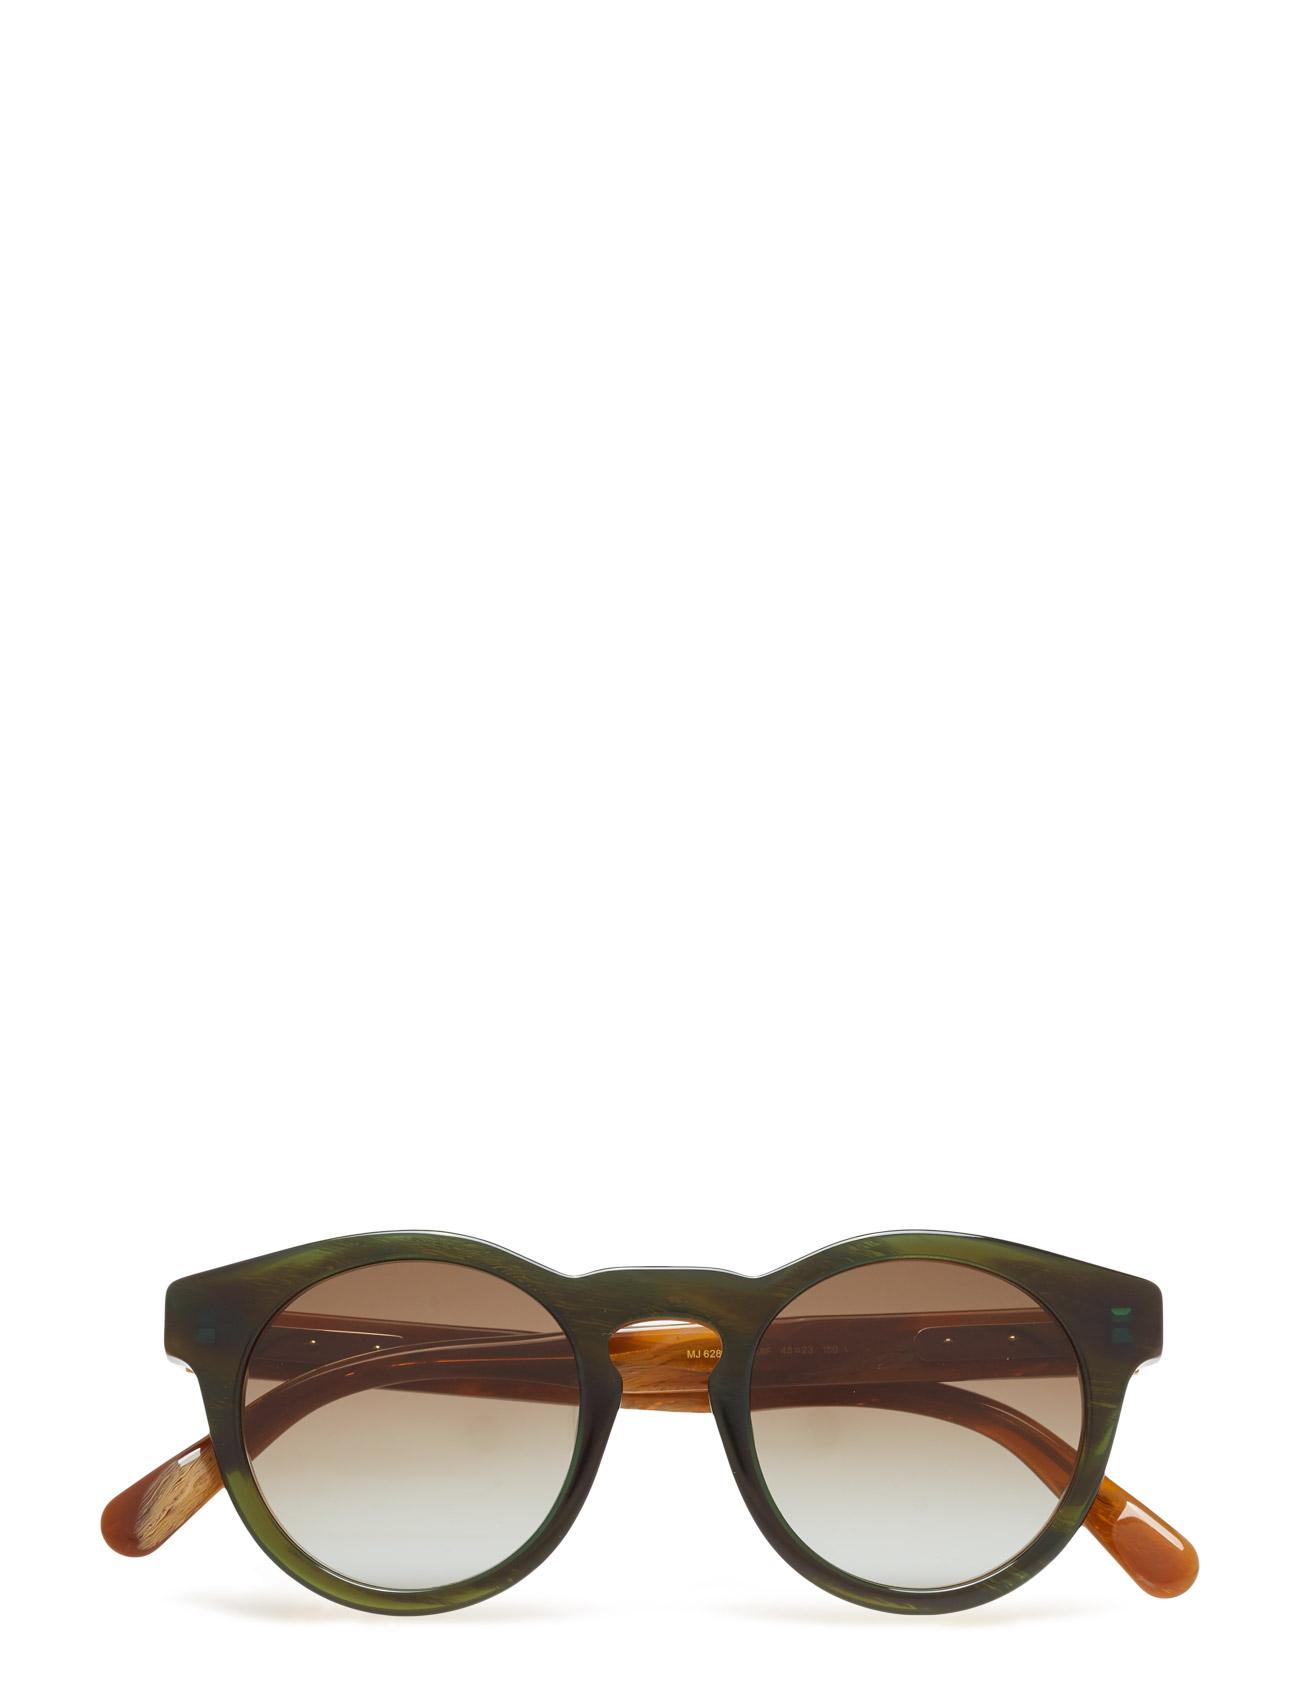 Mj 628/S Marc Jacobs Sunglasses Accessories til Mænd i